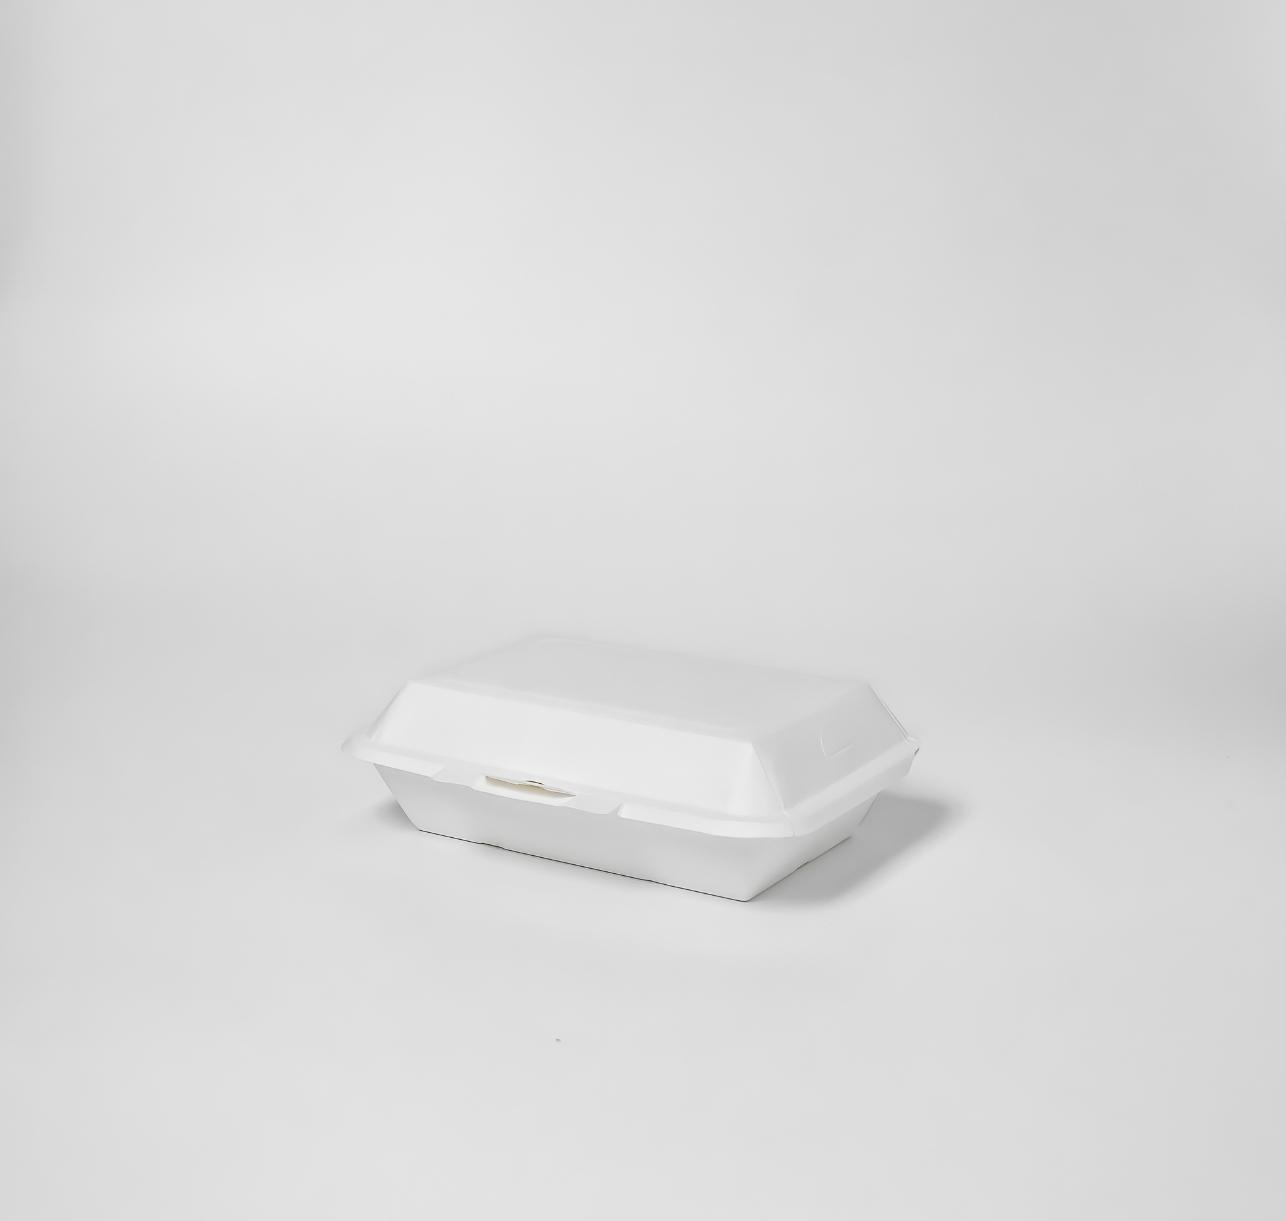 กล่องอาหารกระดาษ Eco 725ml